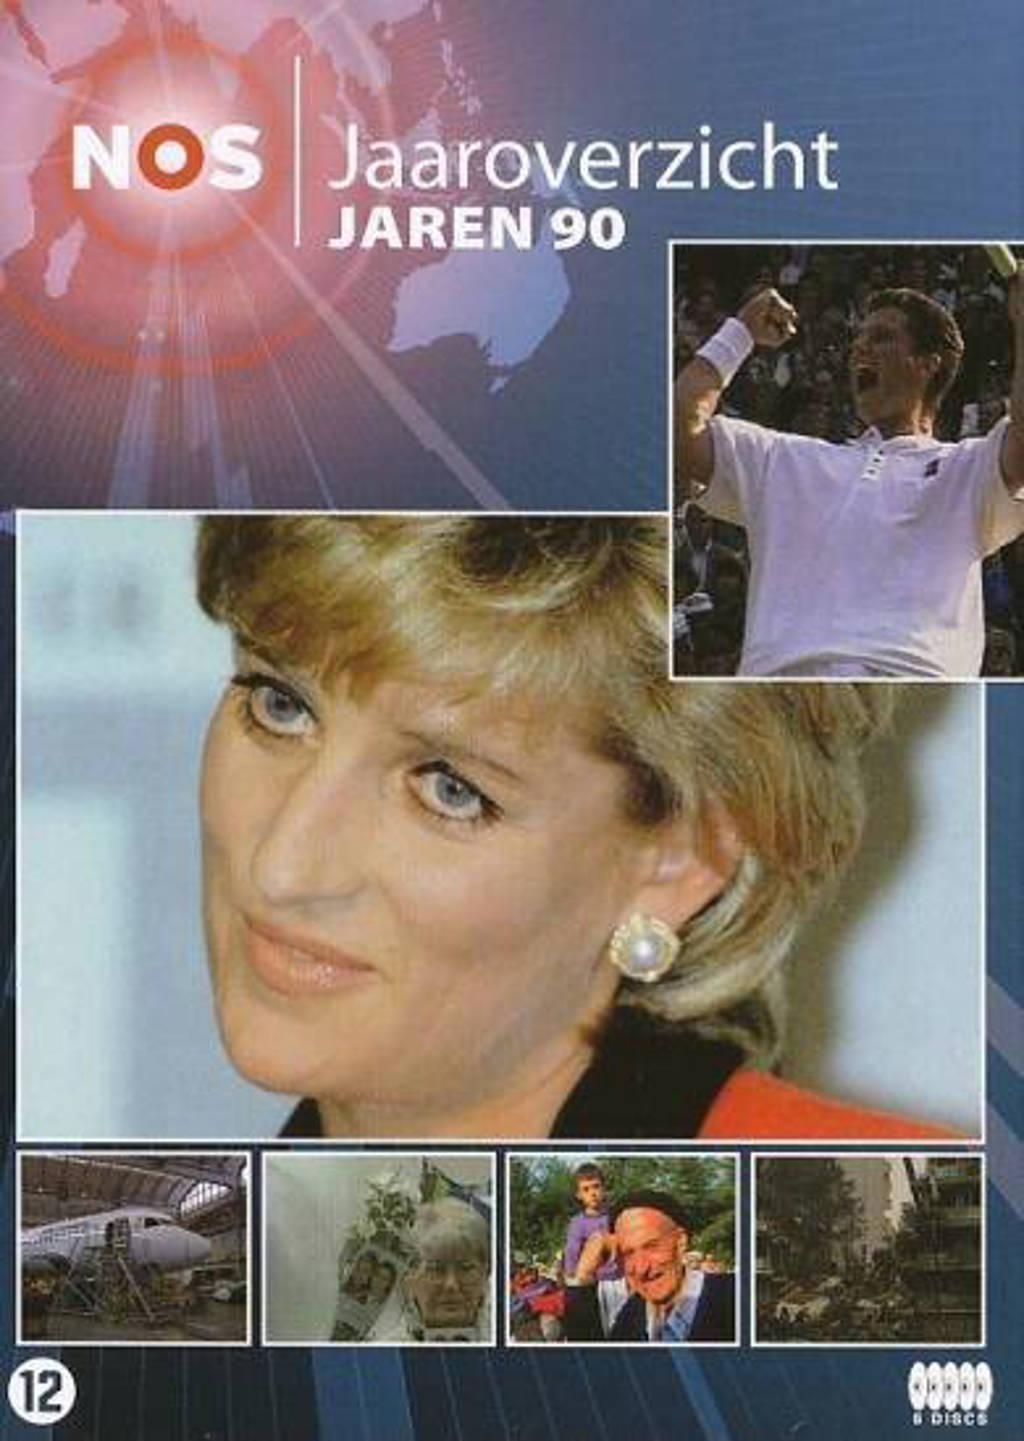 NOS jaaroverzicht - Jaren 90 (DVD)